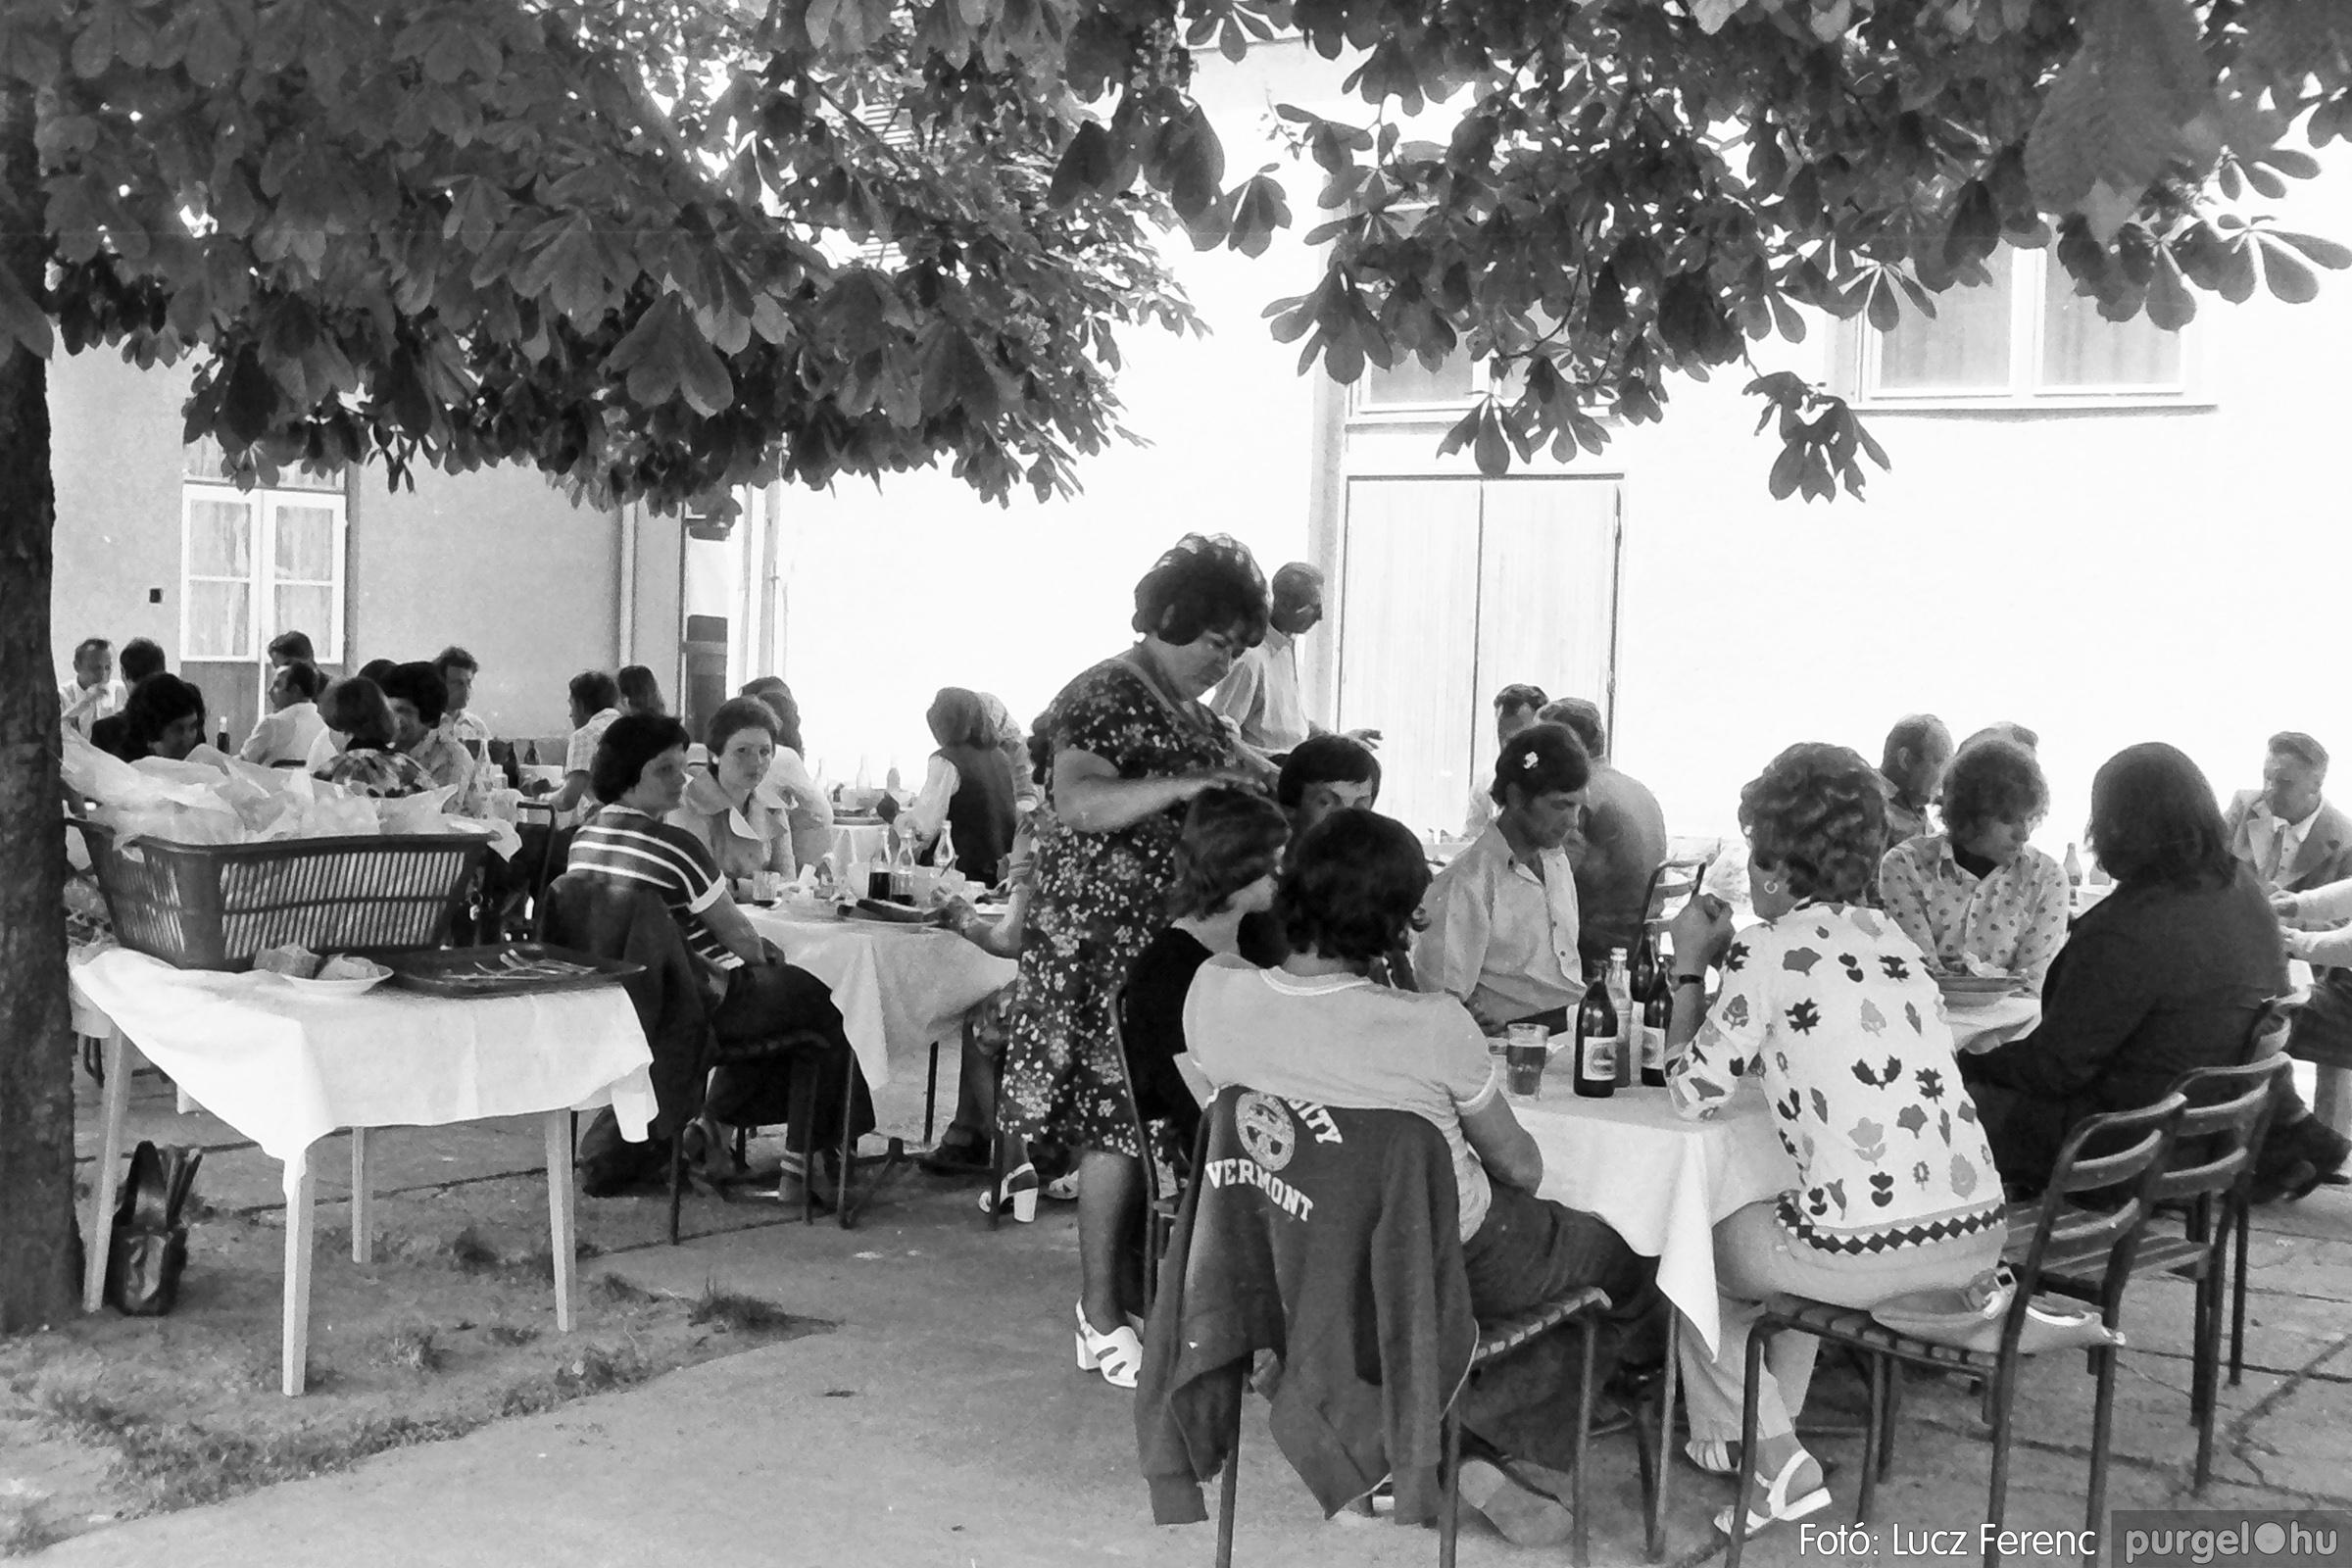 081. 1977. Kendergyári dolgozók vetélkedője 023. - Fotó: Lucz Ferenc.jpg